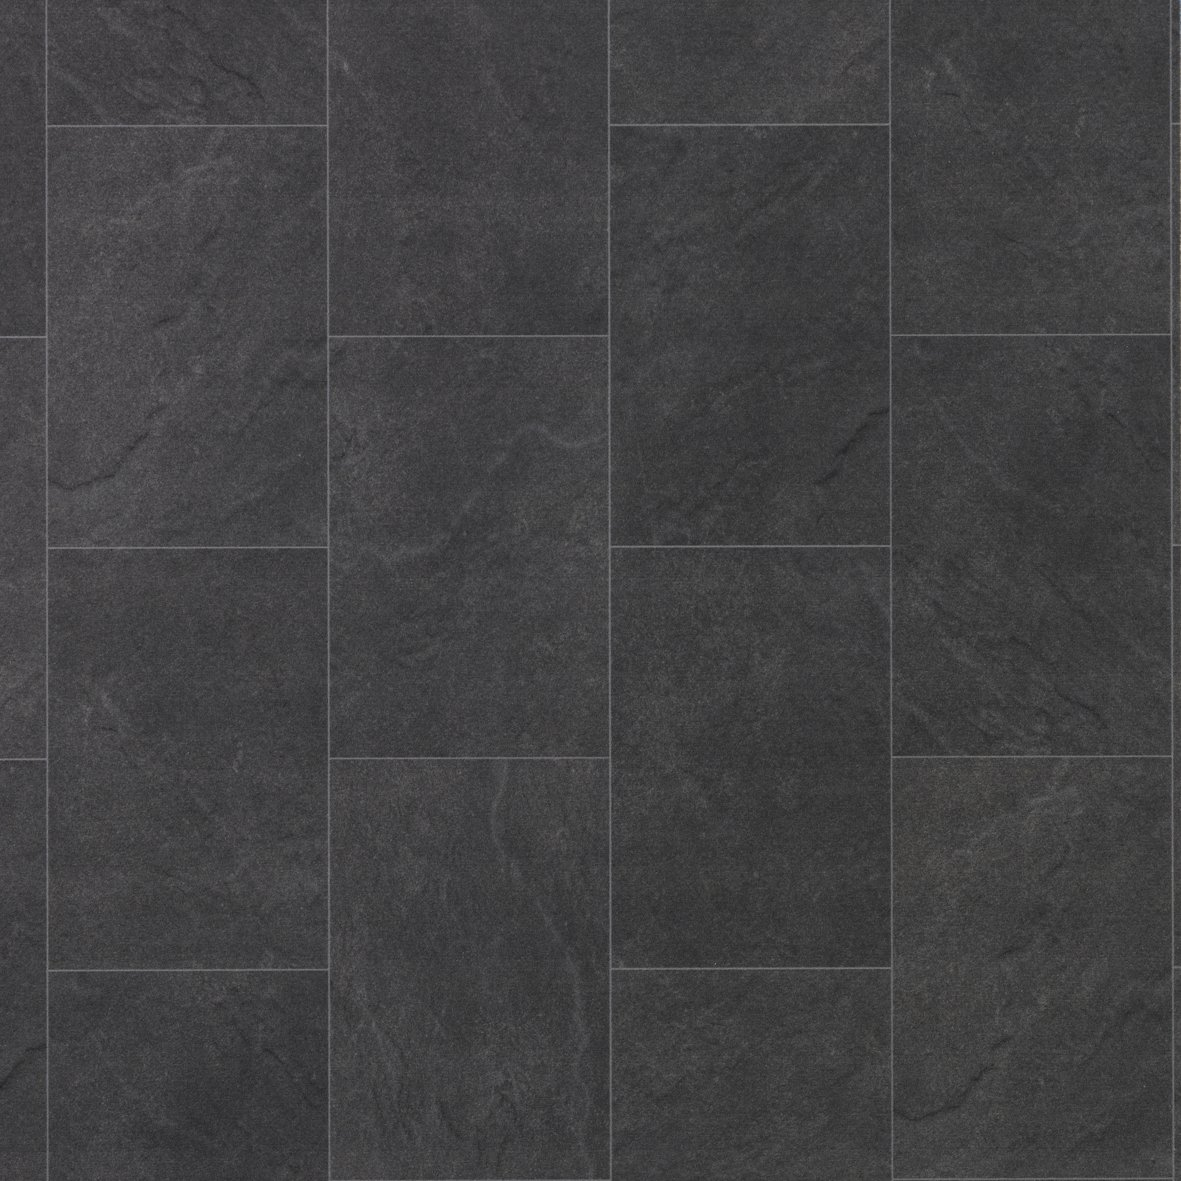 Black stone tile flooring